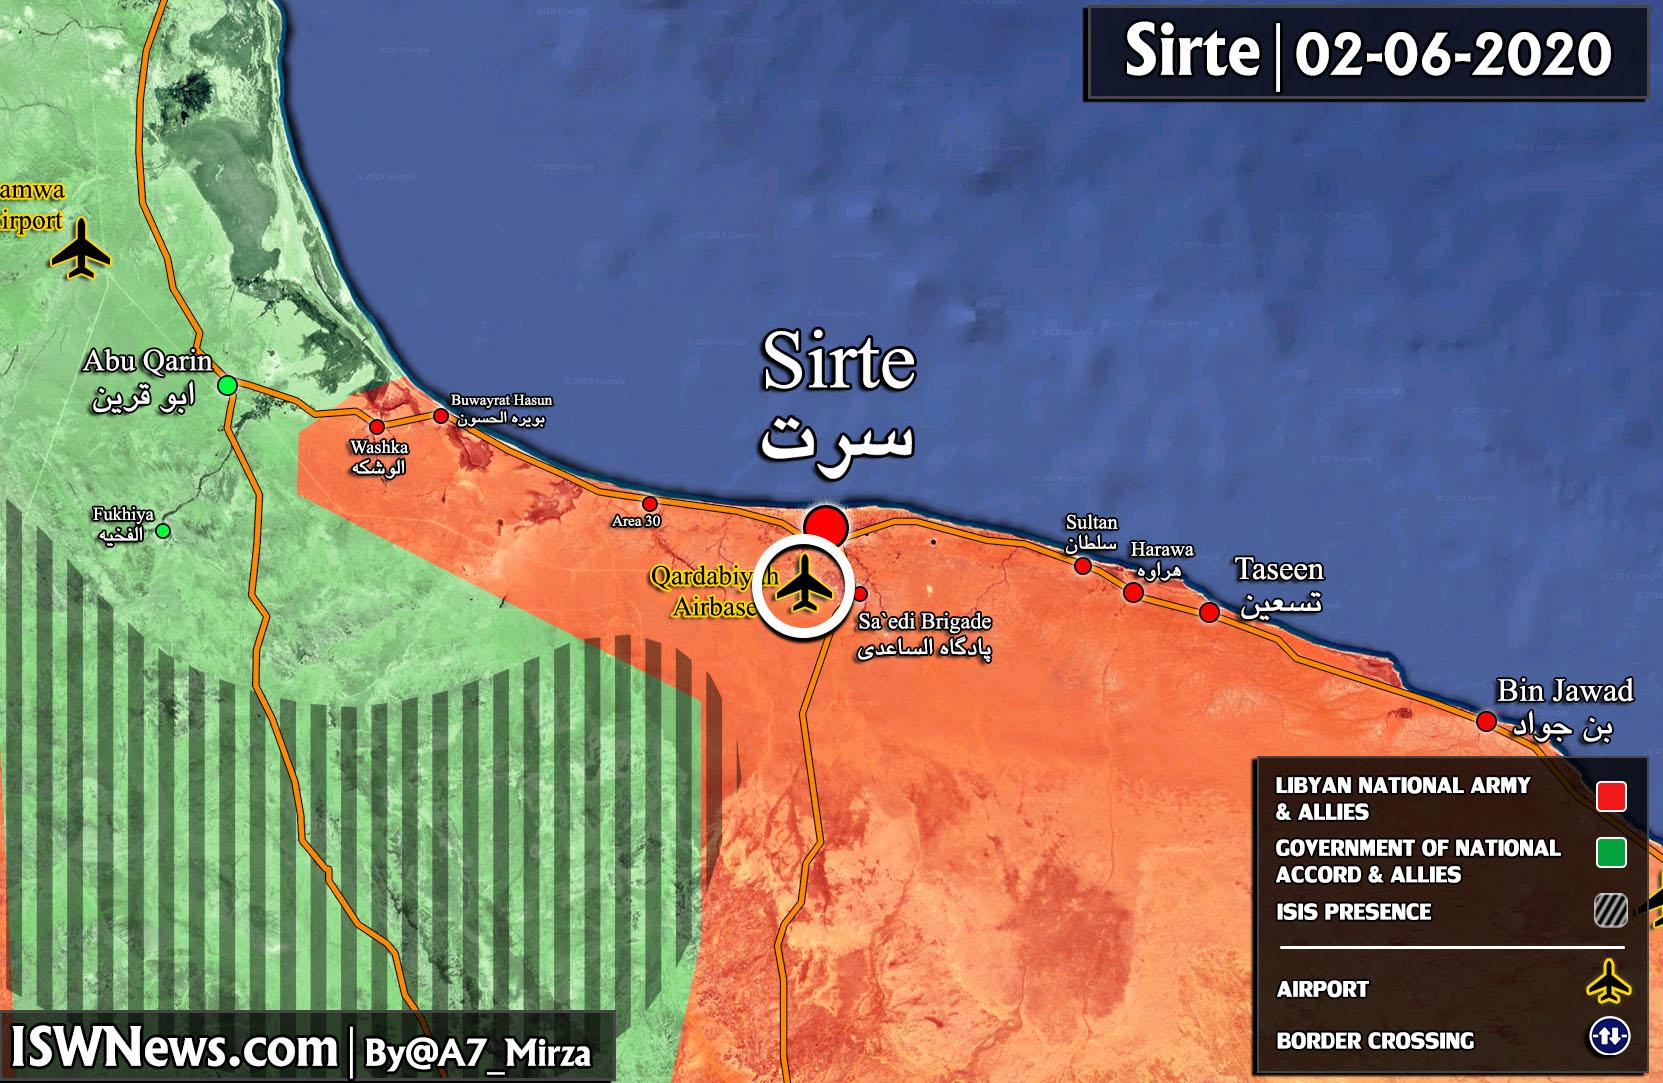 التطورات الميدانية اليومية في الشقيقة ليبيا  - صفحة 11 EZdRlZTWkAE_47t?format=jpg&name=large